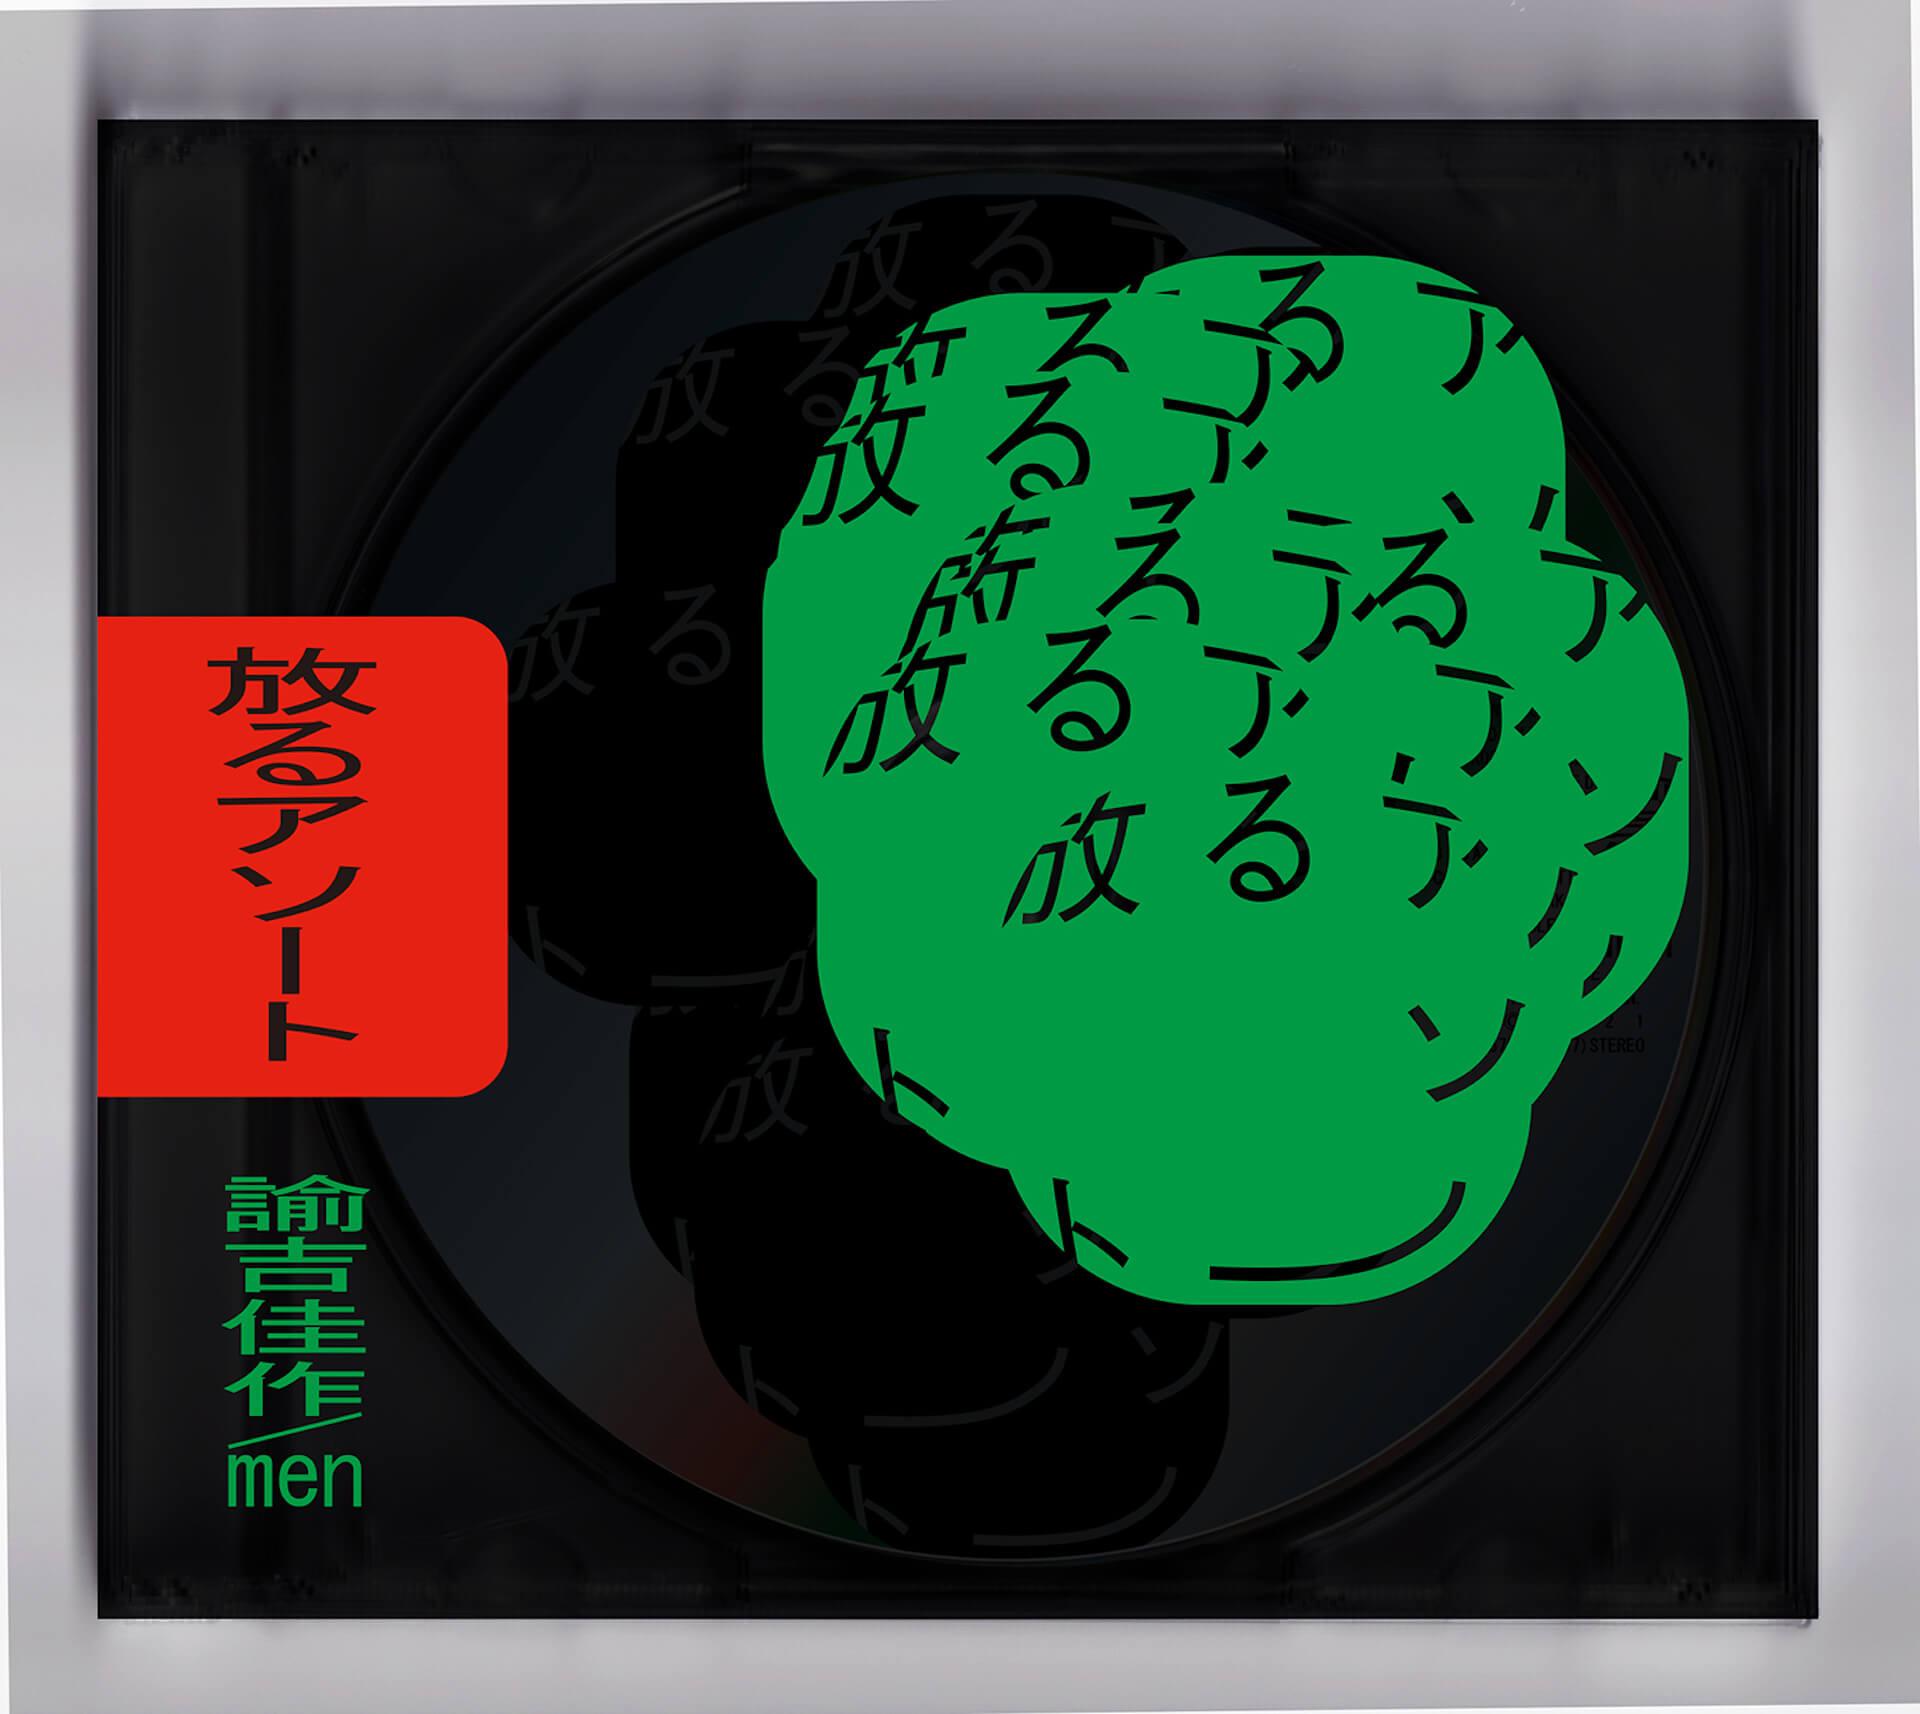 諭吉佳作/menのデビュー2作品が同時発表!全曲書き下ろしの『からだポータブル』&コラボ曲のみの『放るアソート』がリリース決定 music210407_yukichi_2